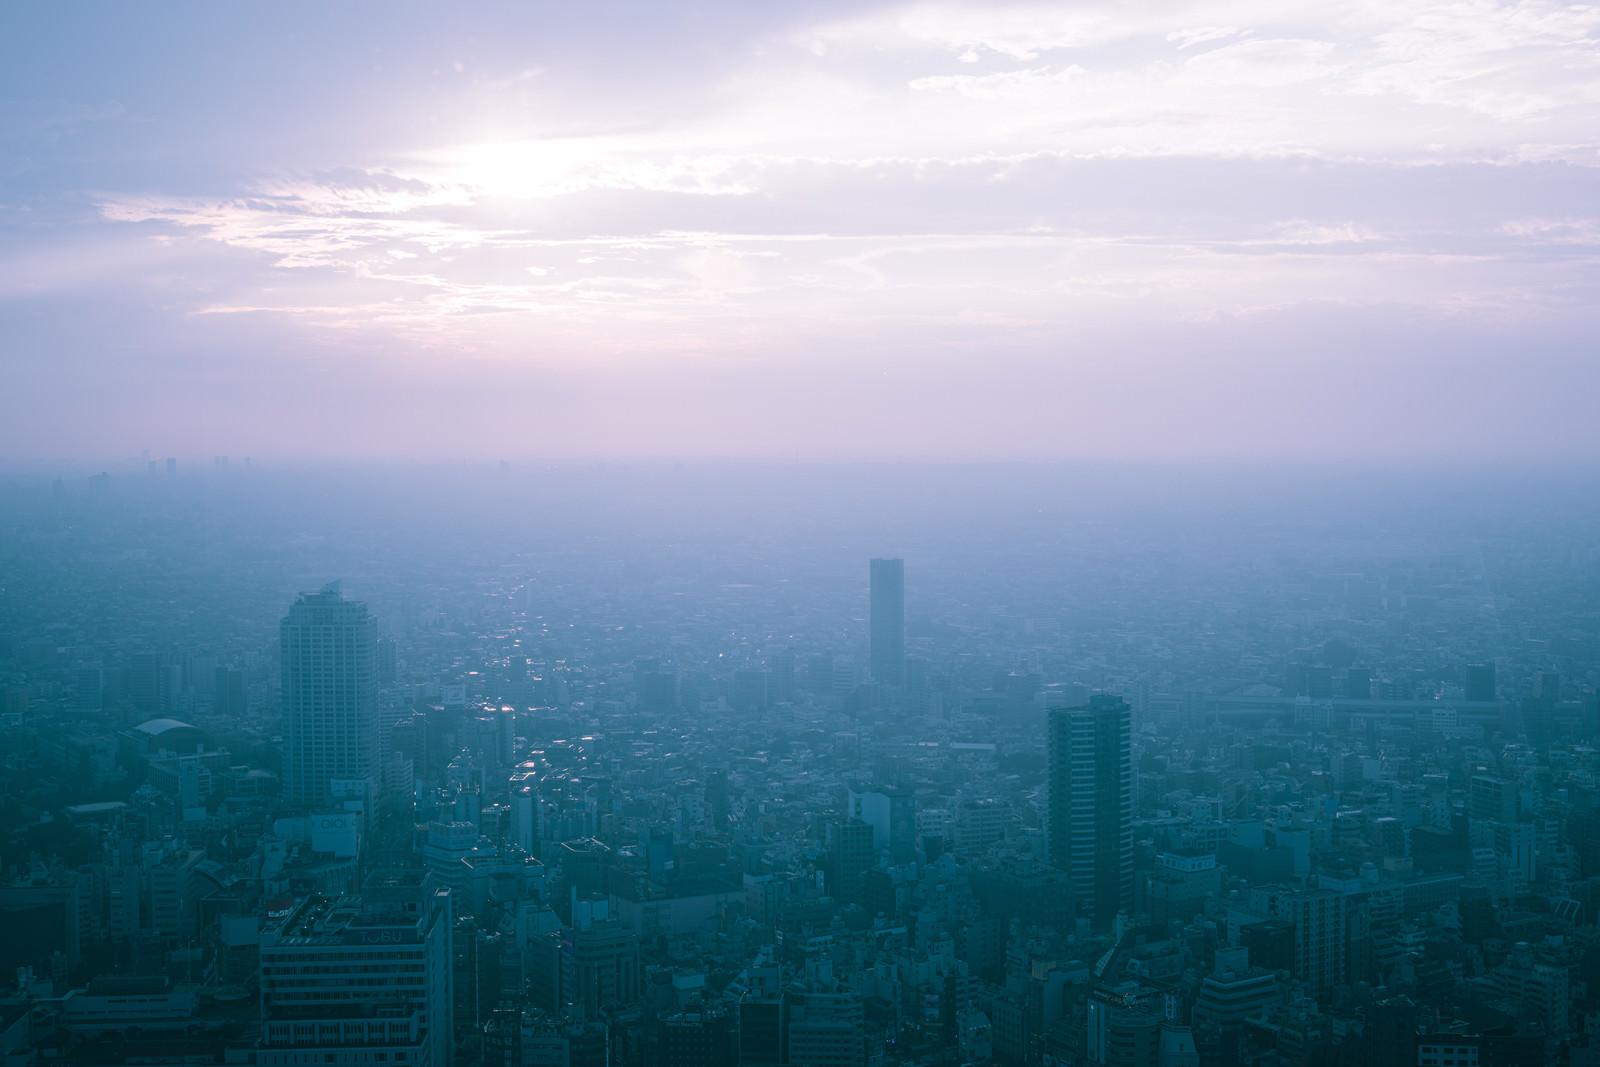 塵でスモークがかった大都会のフリー素材